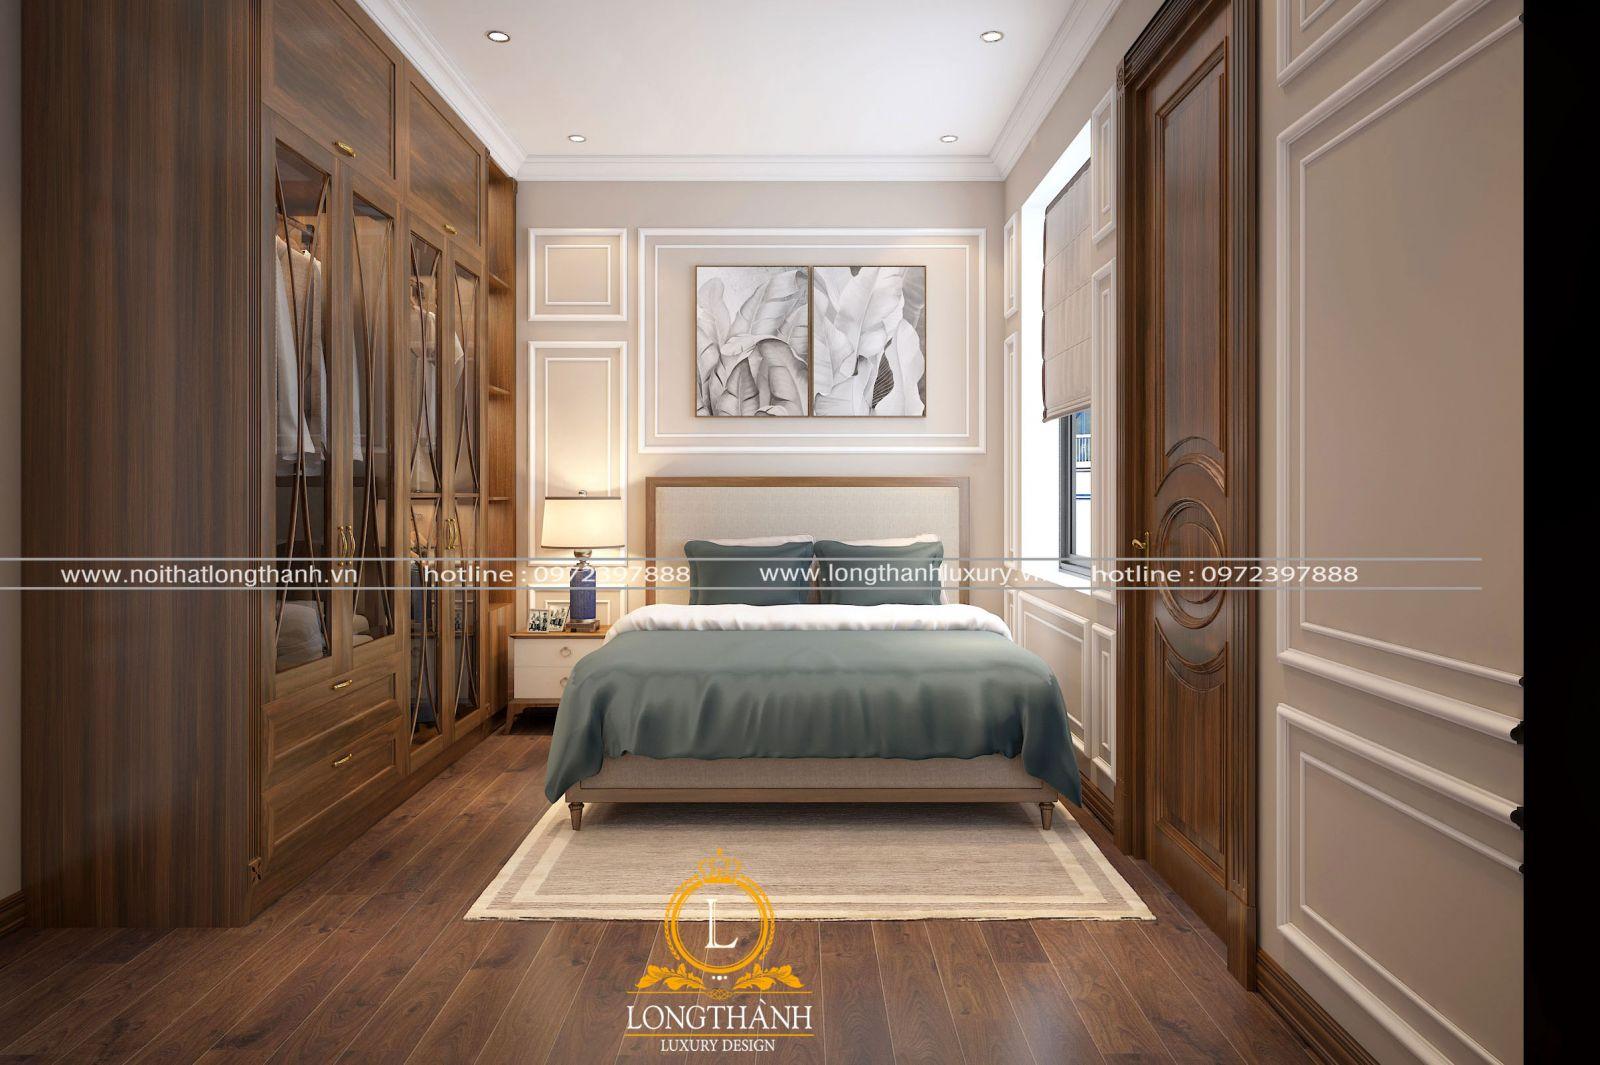 Phòng ngủ cho chung cư hiện đại nhỏ với màu nâu gỗ